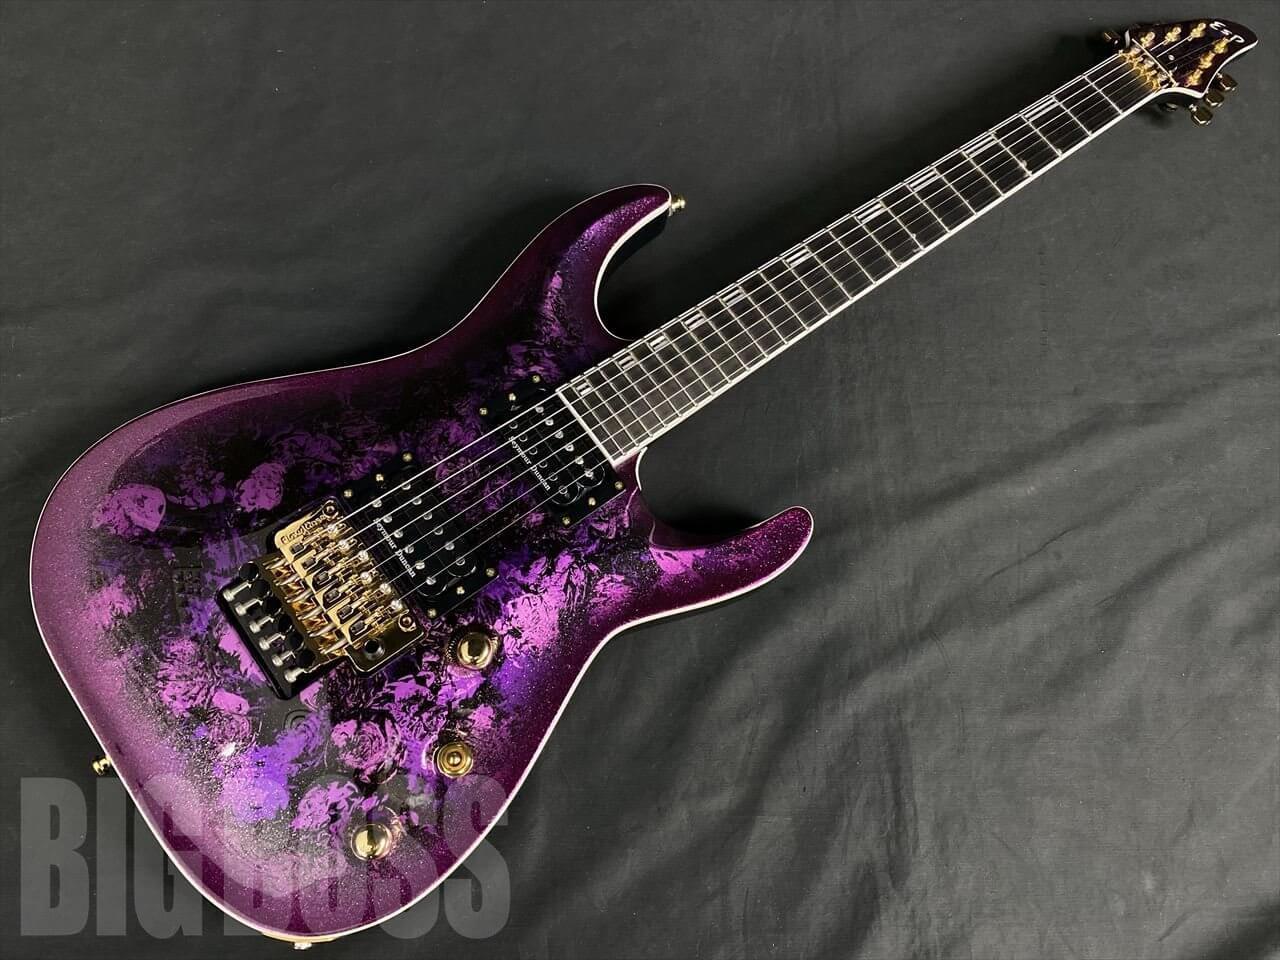 【在庫限り】 【即納可能】ESP HORIZON-PT FR / Sugilite w/Violet Pearl Black, 子供時代 c0ac6e02